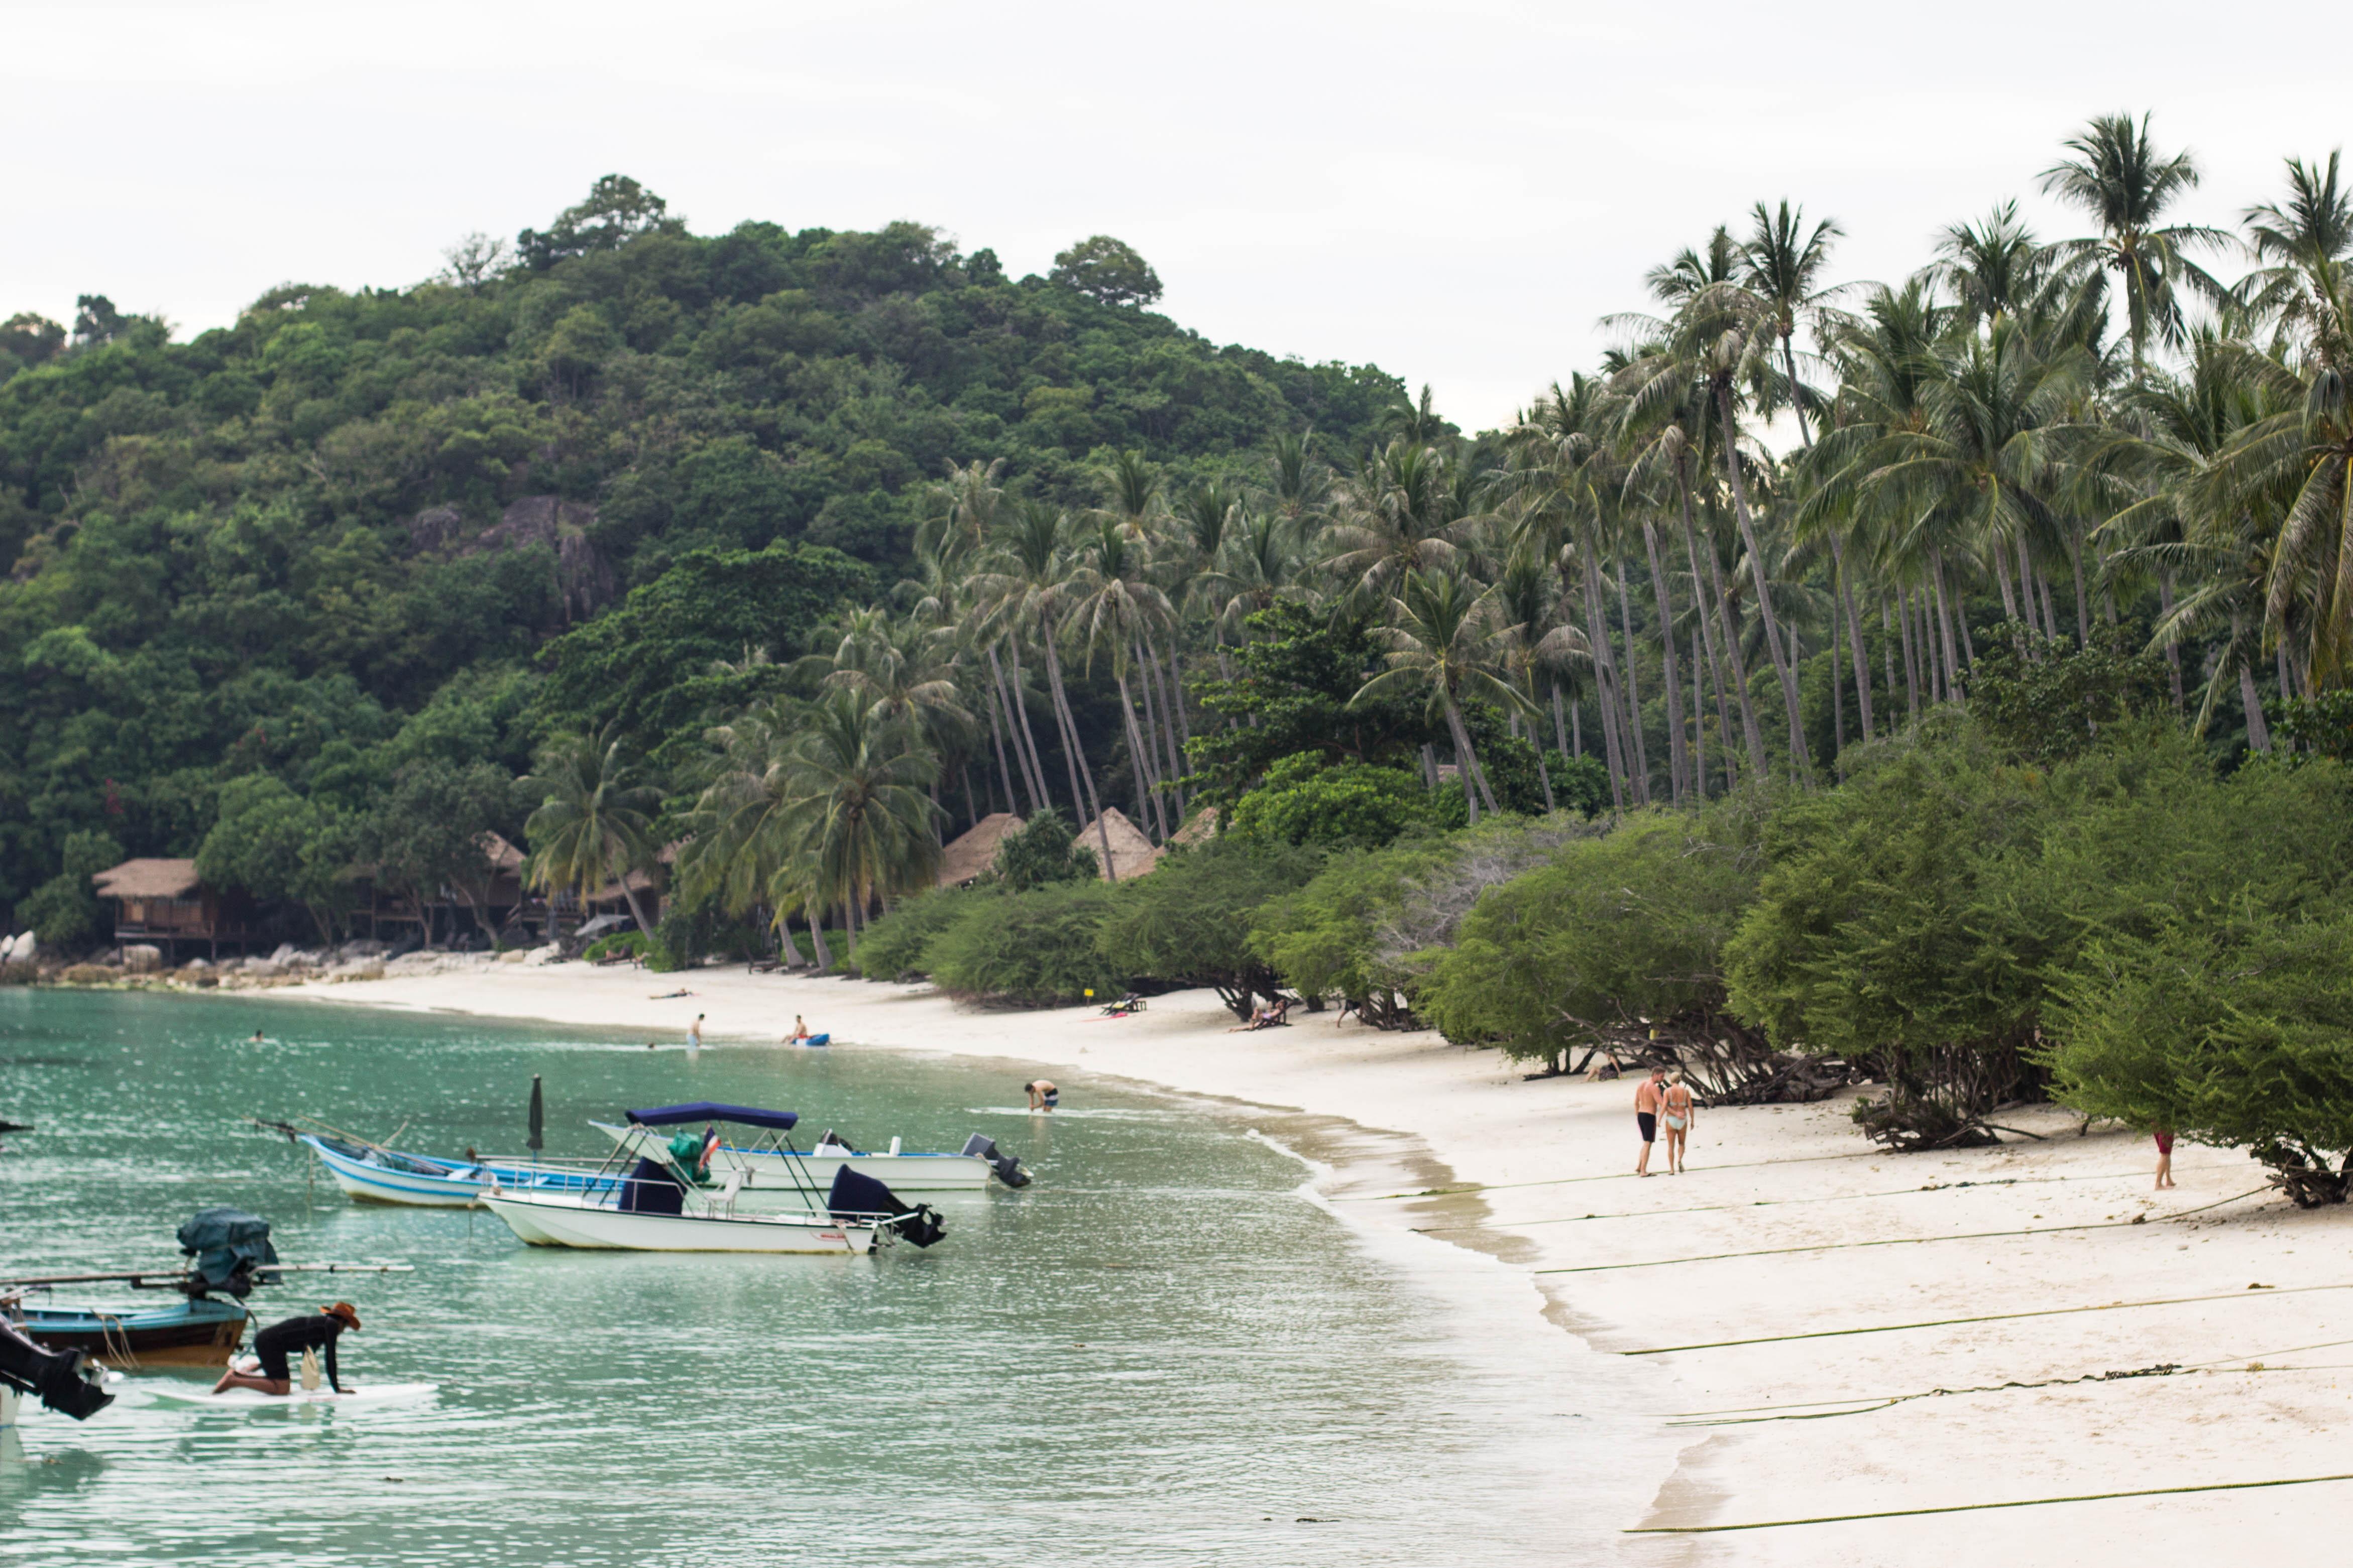 annalaurakummer, anna-laura kummer, österreichische, bloggerin, blogger, reisen, travel, hotel, review, thailand, ko tao, haadtien, beach, club